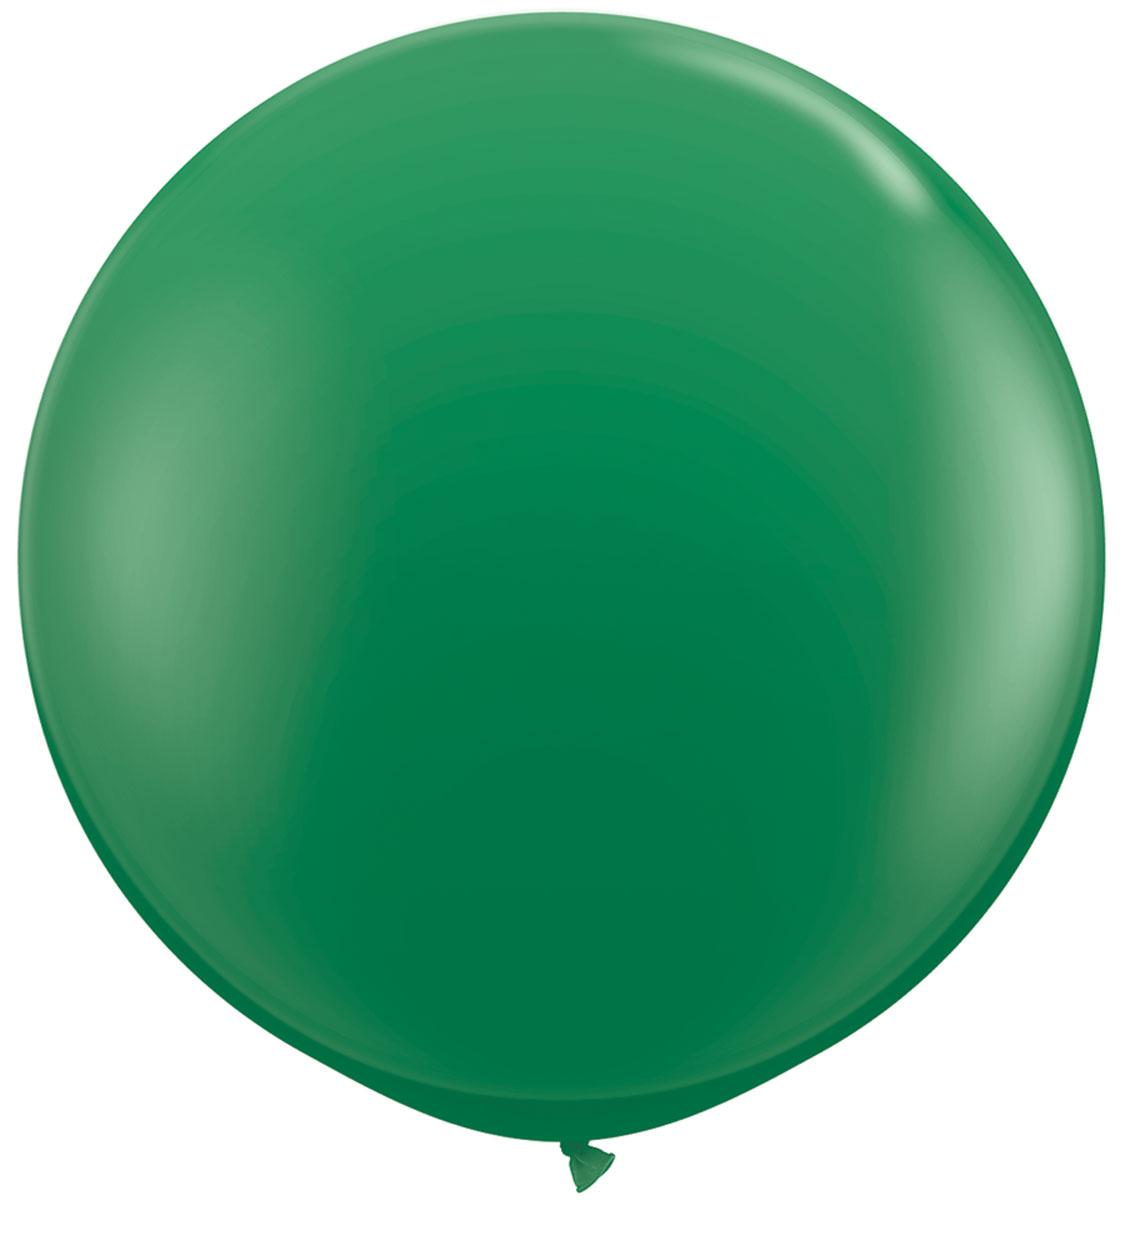 Sphere clipart ballon 6' Balloon 5' Dealer 24